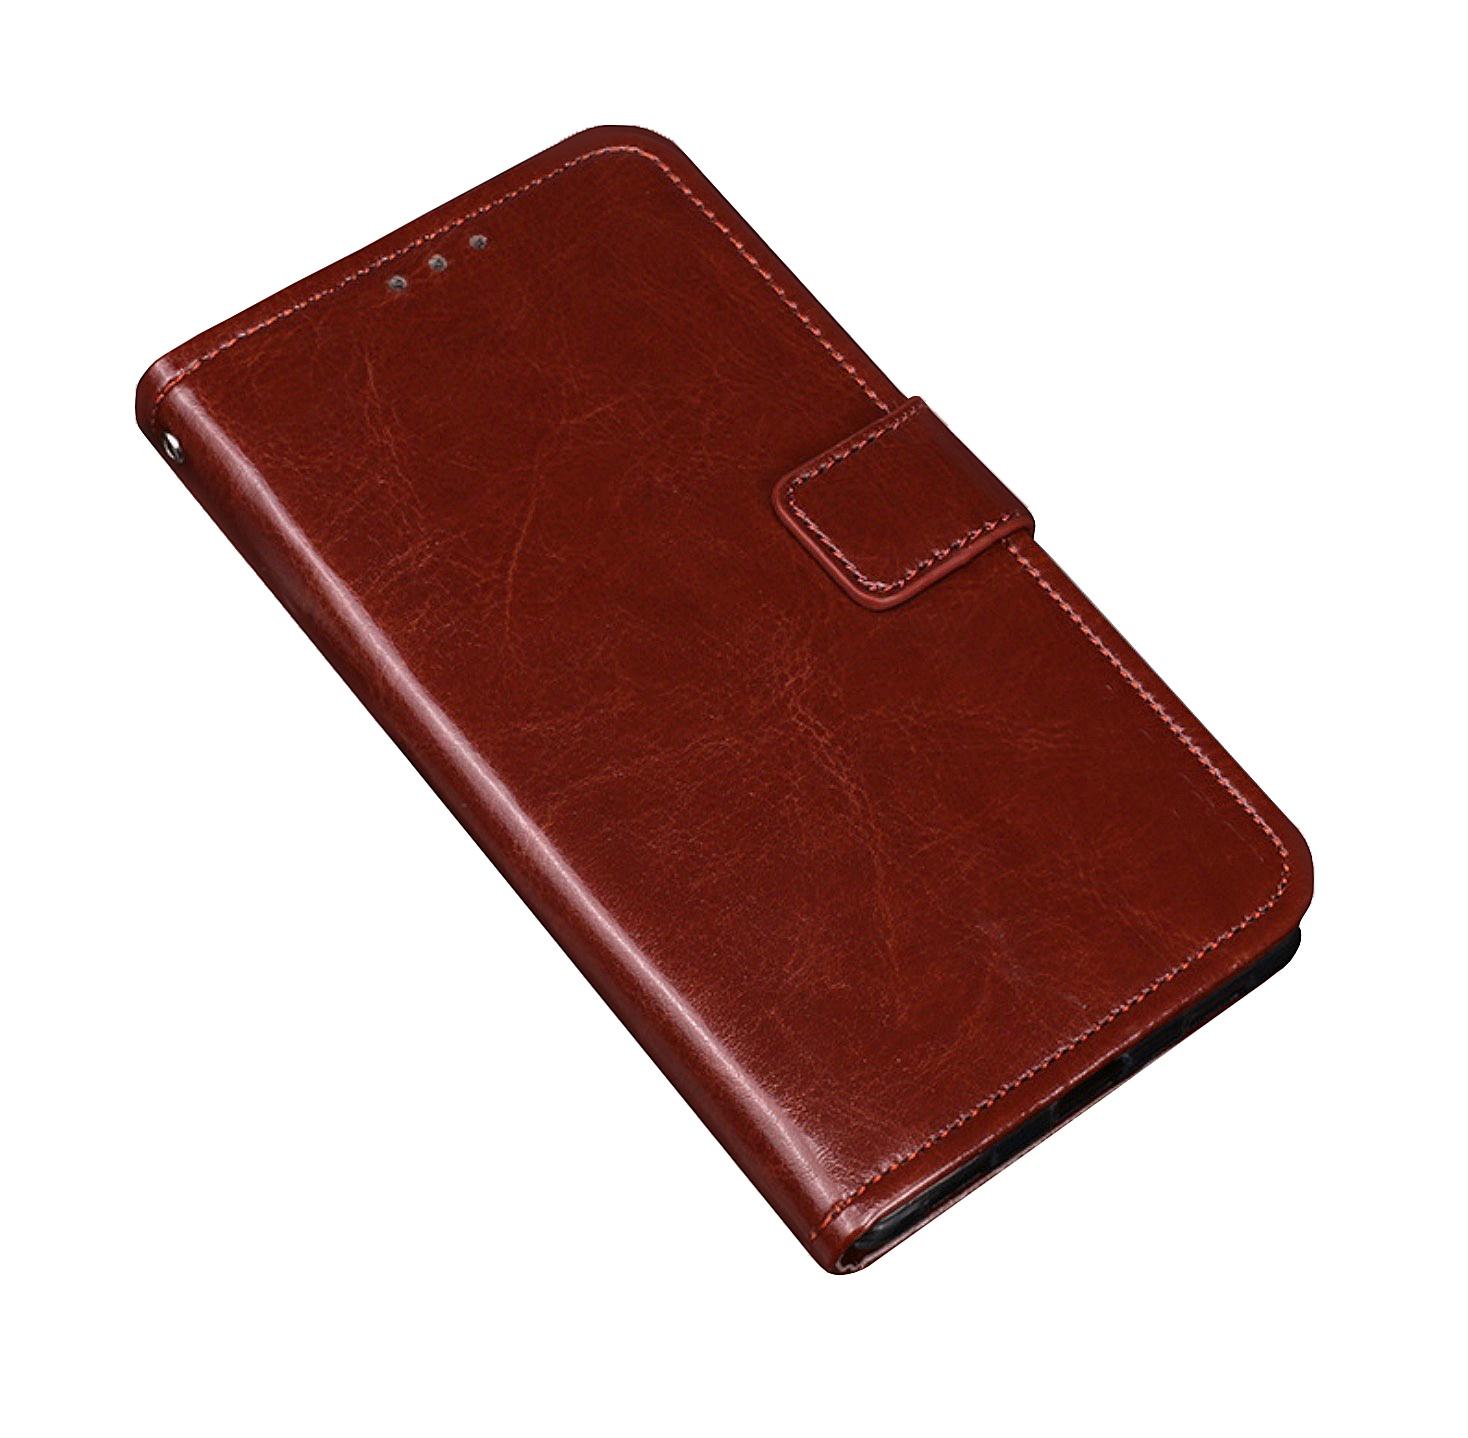 Чехол-книжка MyPads для ZTE Blade A6 с мульти-подставкой застёжкой и визитницей коричневый